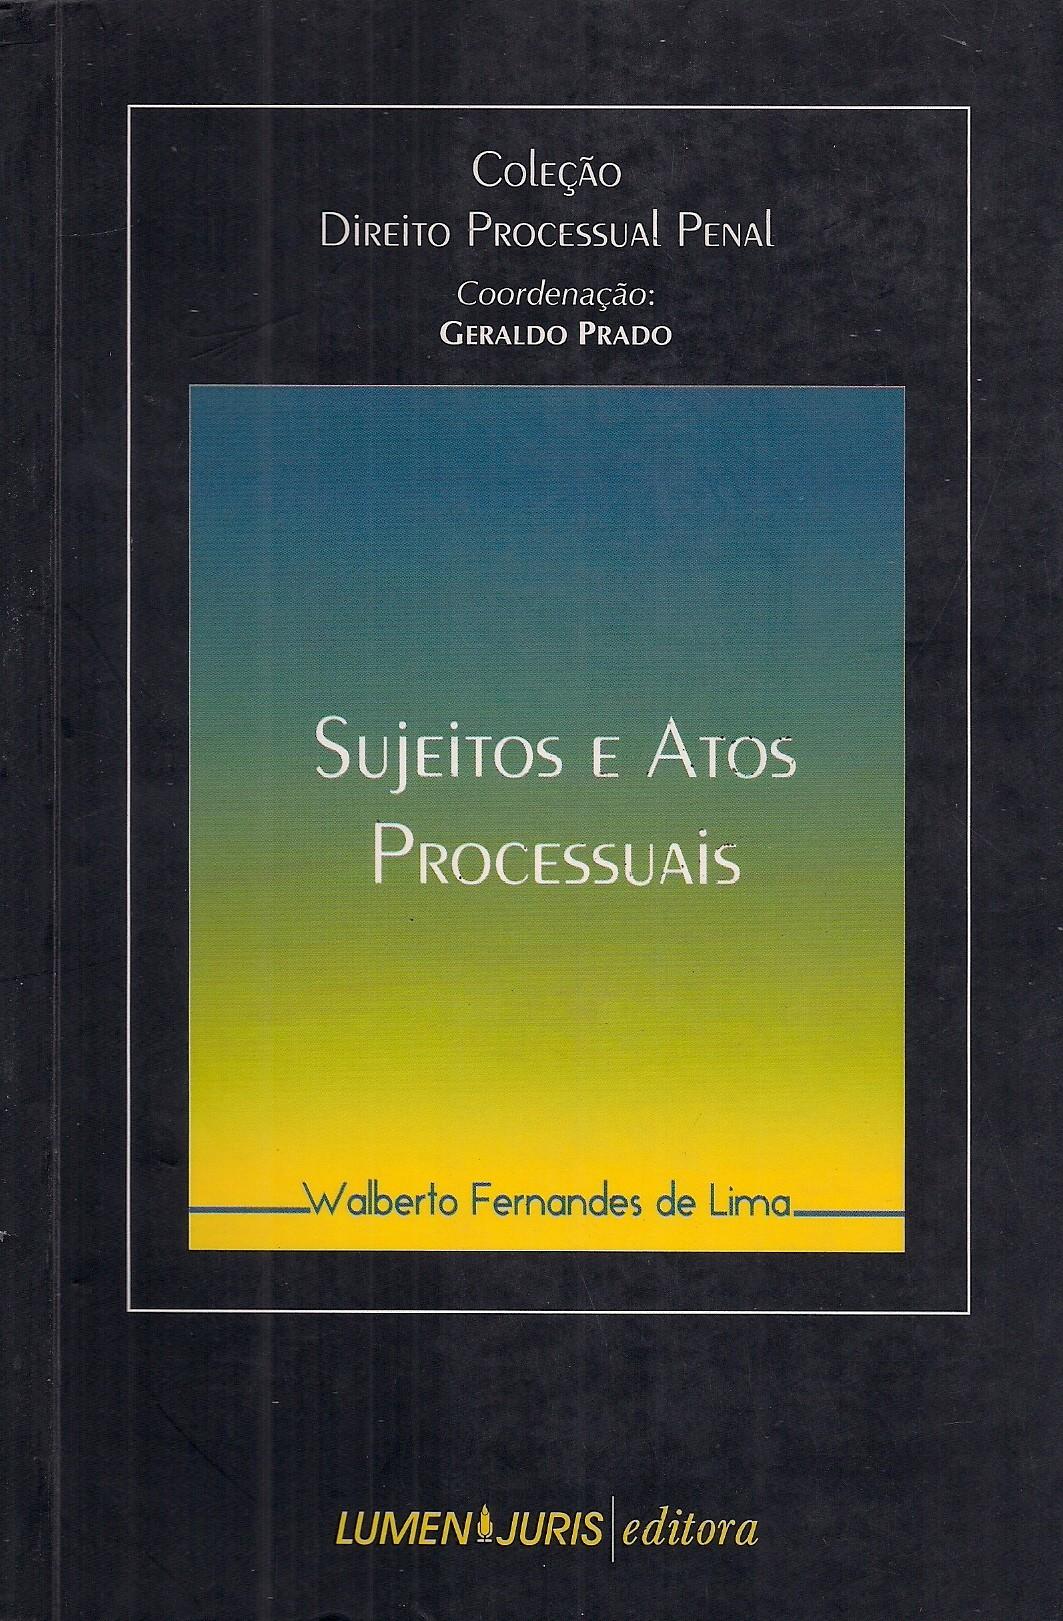 Foto 1 - Sujeitos e Atos Processuais - Col. Direito Processual Penal